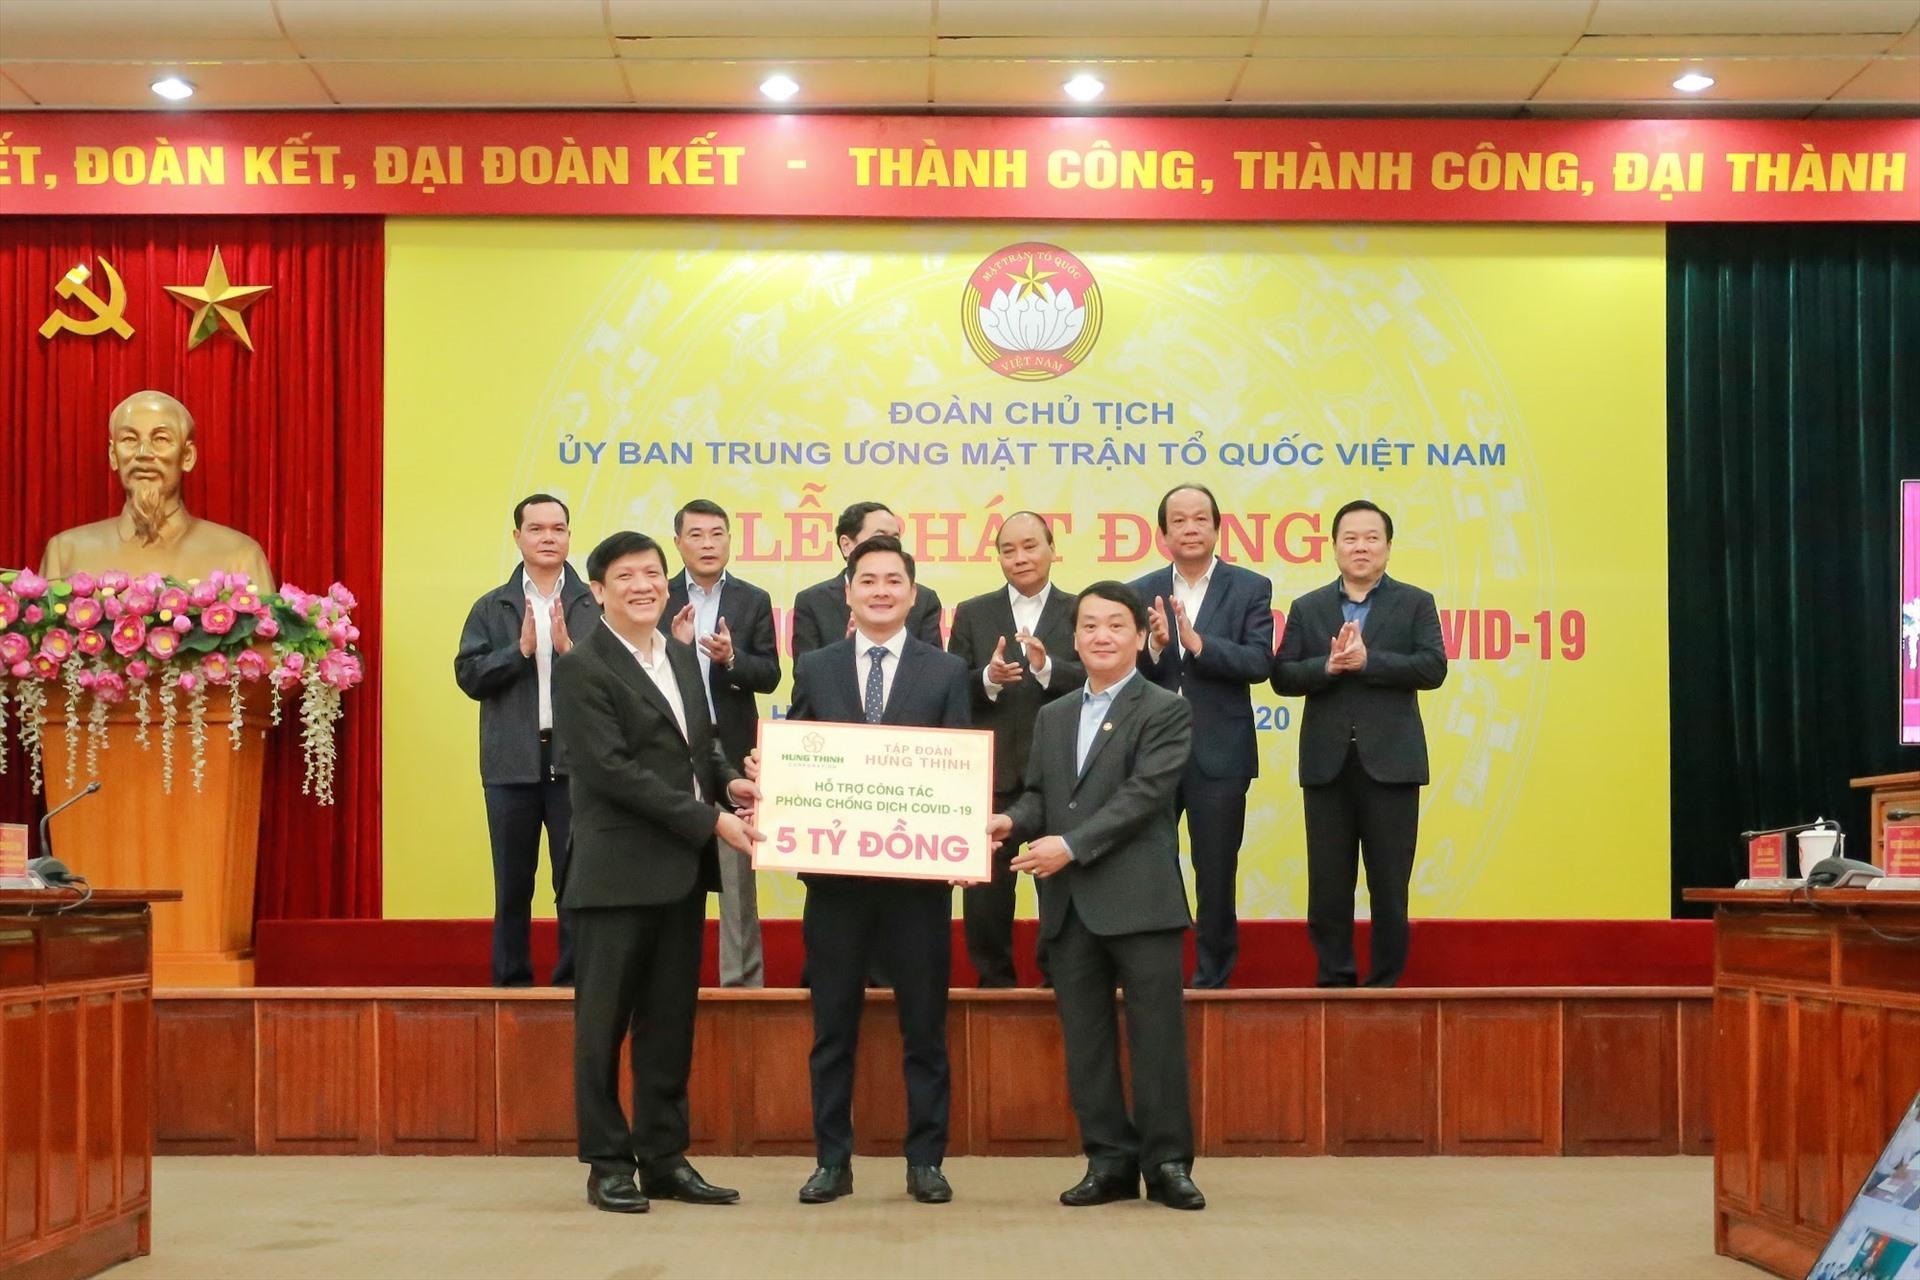 Đại diện Tập đoàn Hưng Thịnh trao biểu trưng đóng góp 5 tỉ đồng cho UBTWMTTQ Việt Nam, ngày 17.3.2020